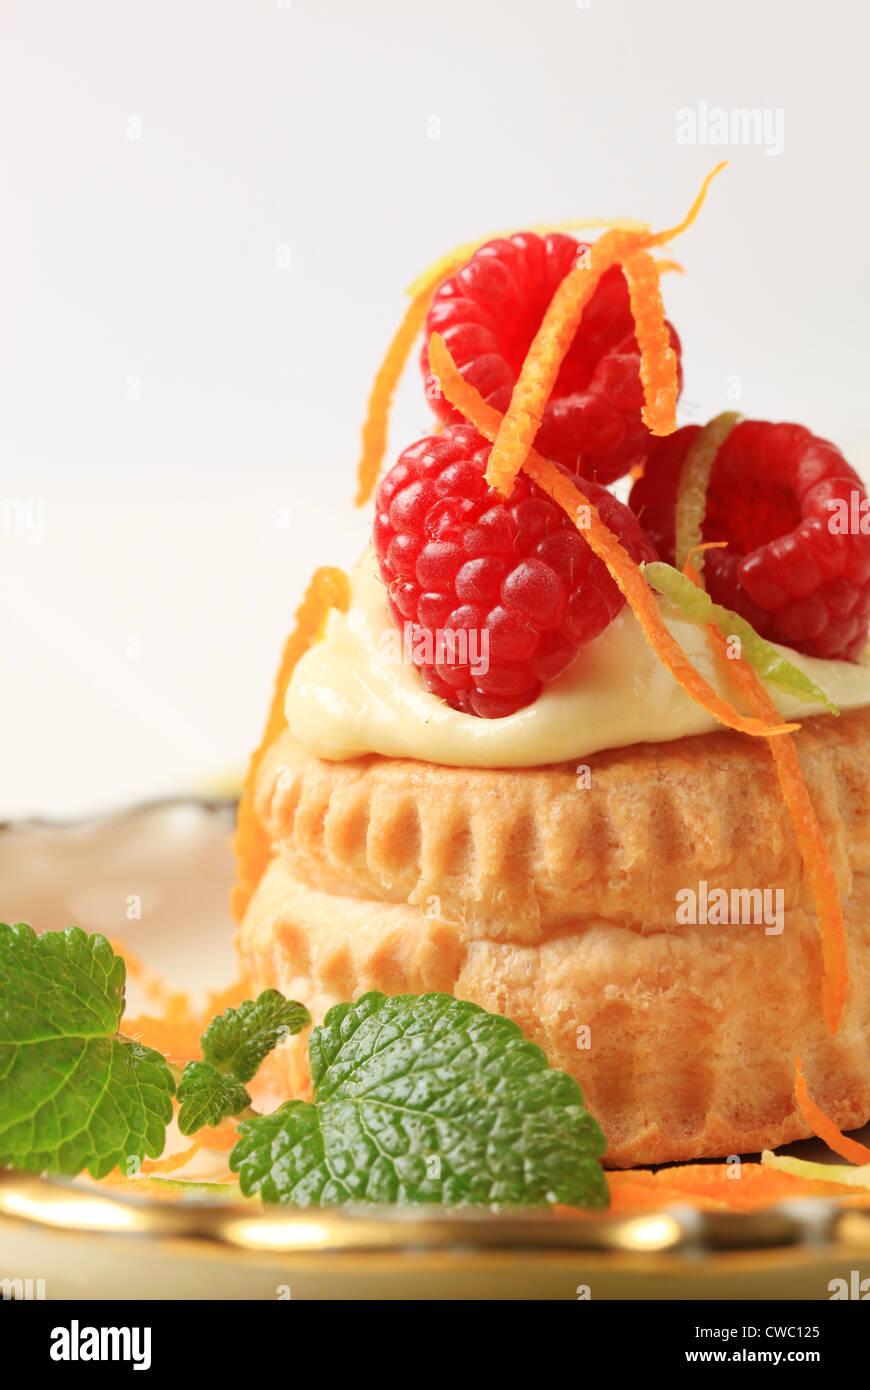 Pâte feuilletée remplie de crème garni de framboises shell Photo Stock